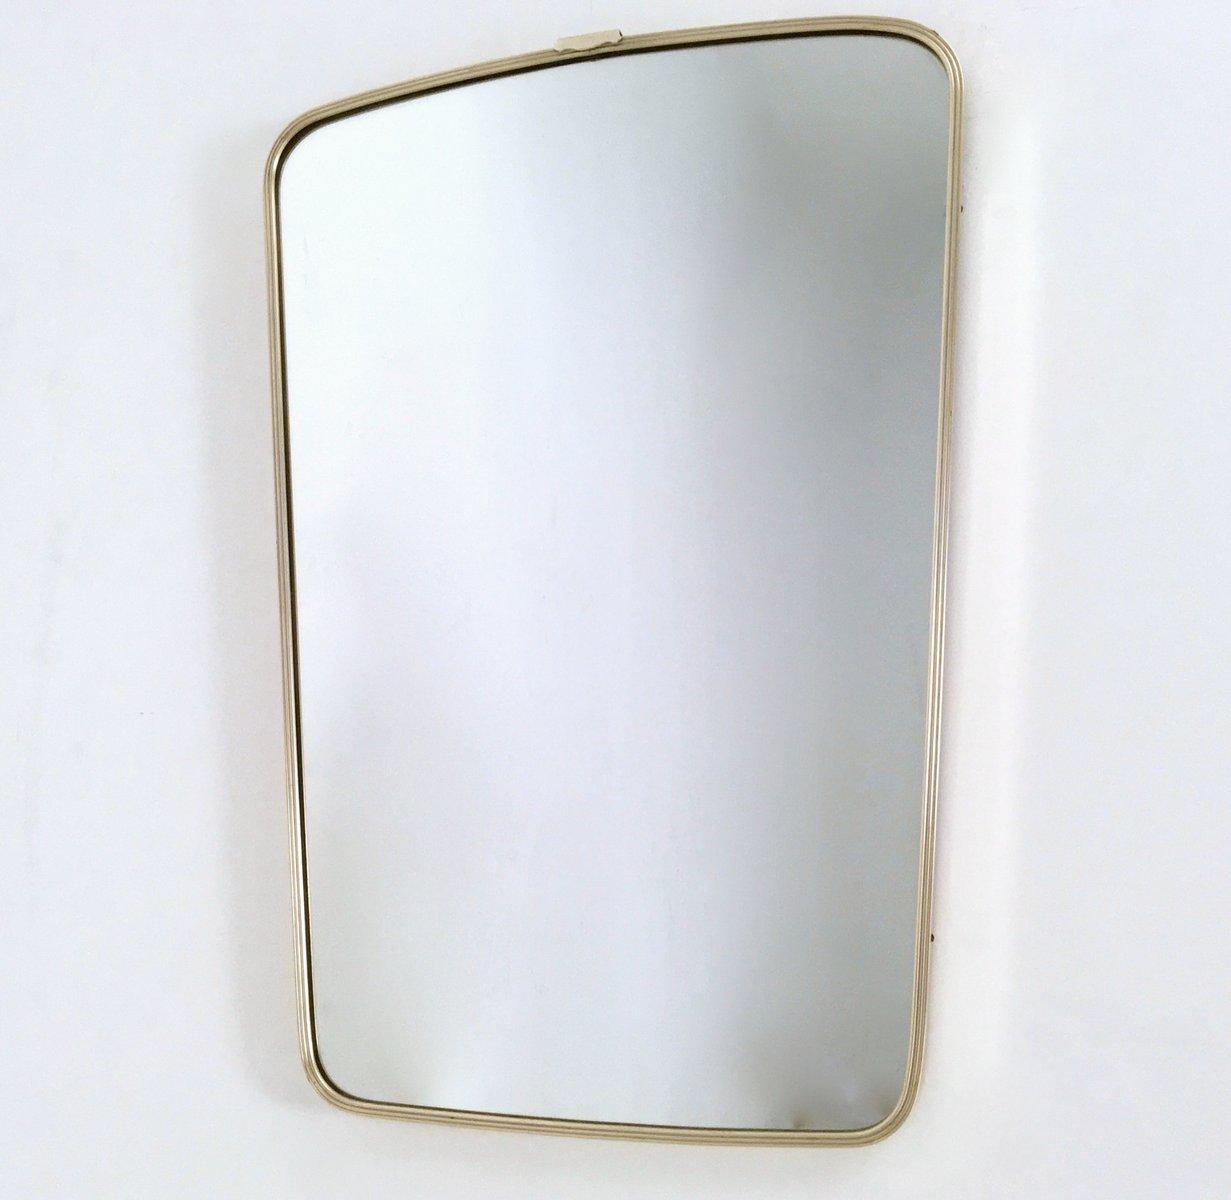 Specchio da parete in ottone, Italia, anni \'50 in vendita su Pamono